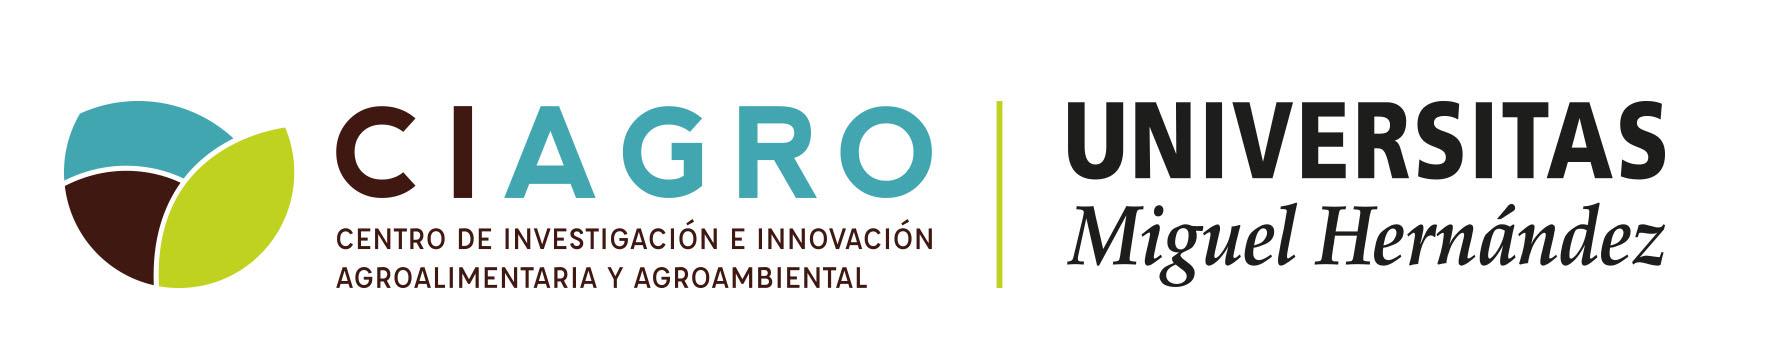 Centro de Investigación e Innovación Agroalimentaria y Agroambiental de la UMH